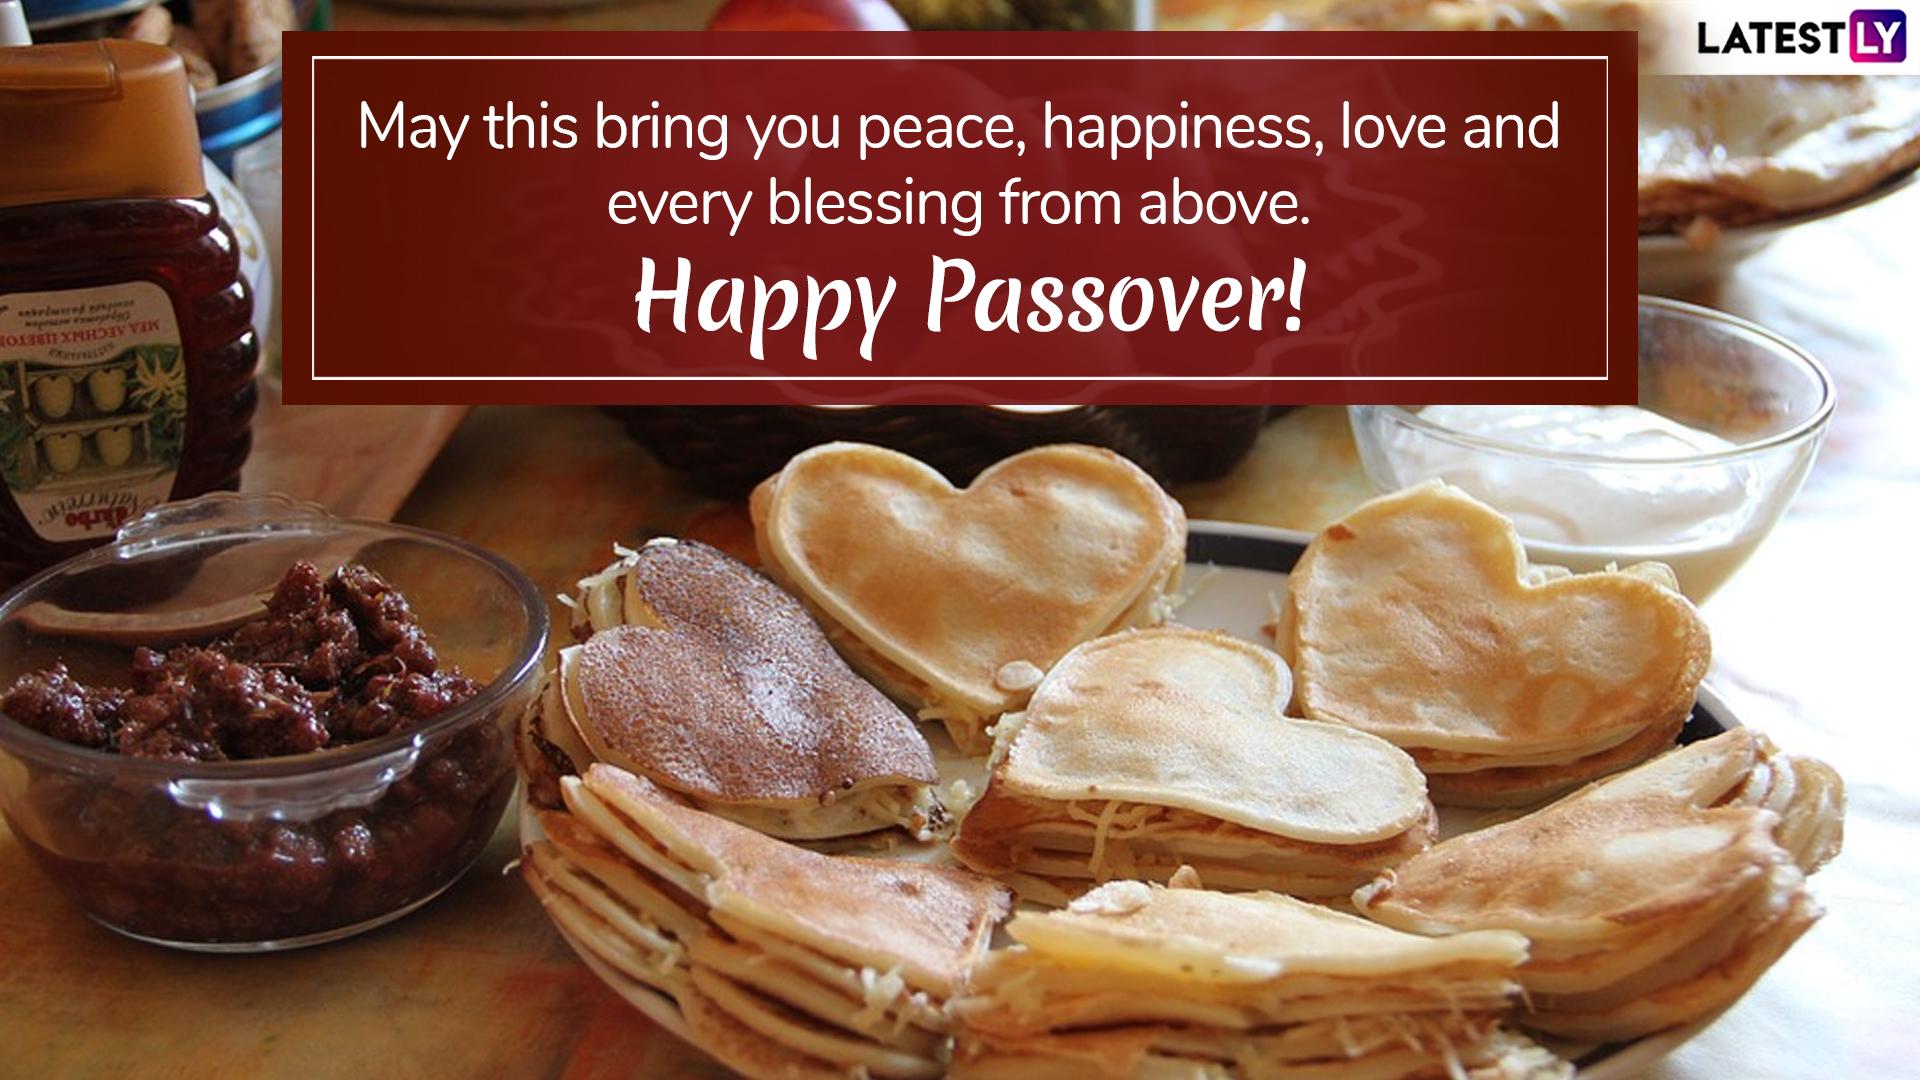 happy passover - photo #3